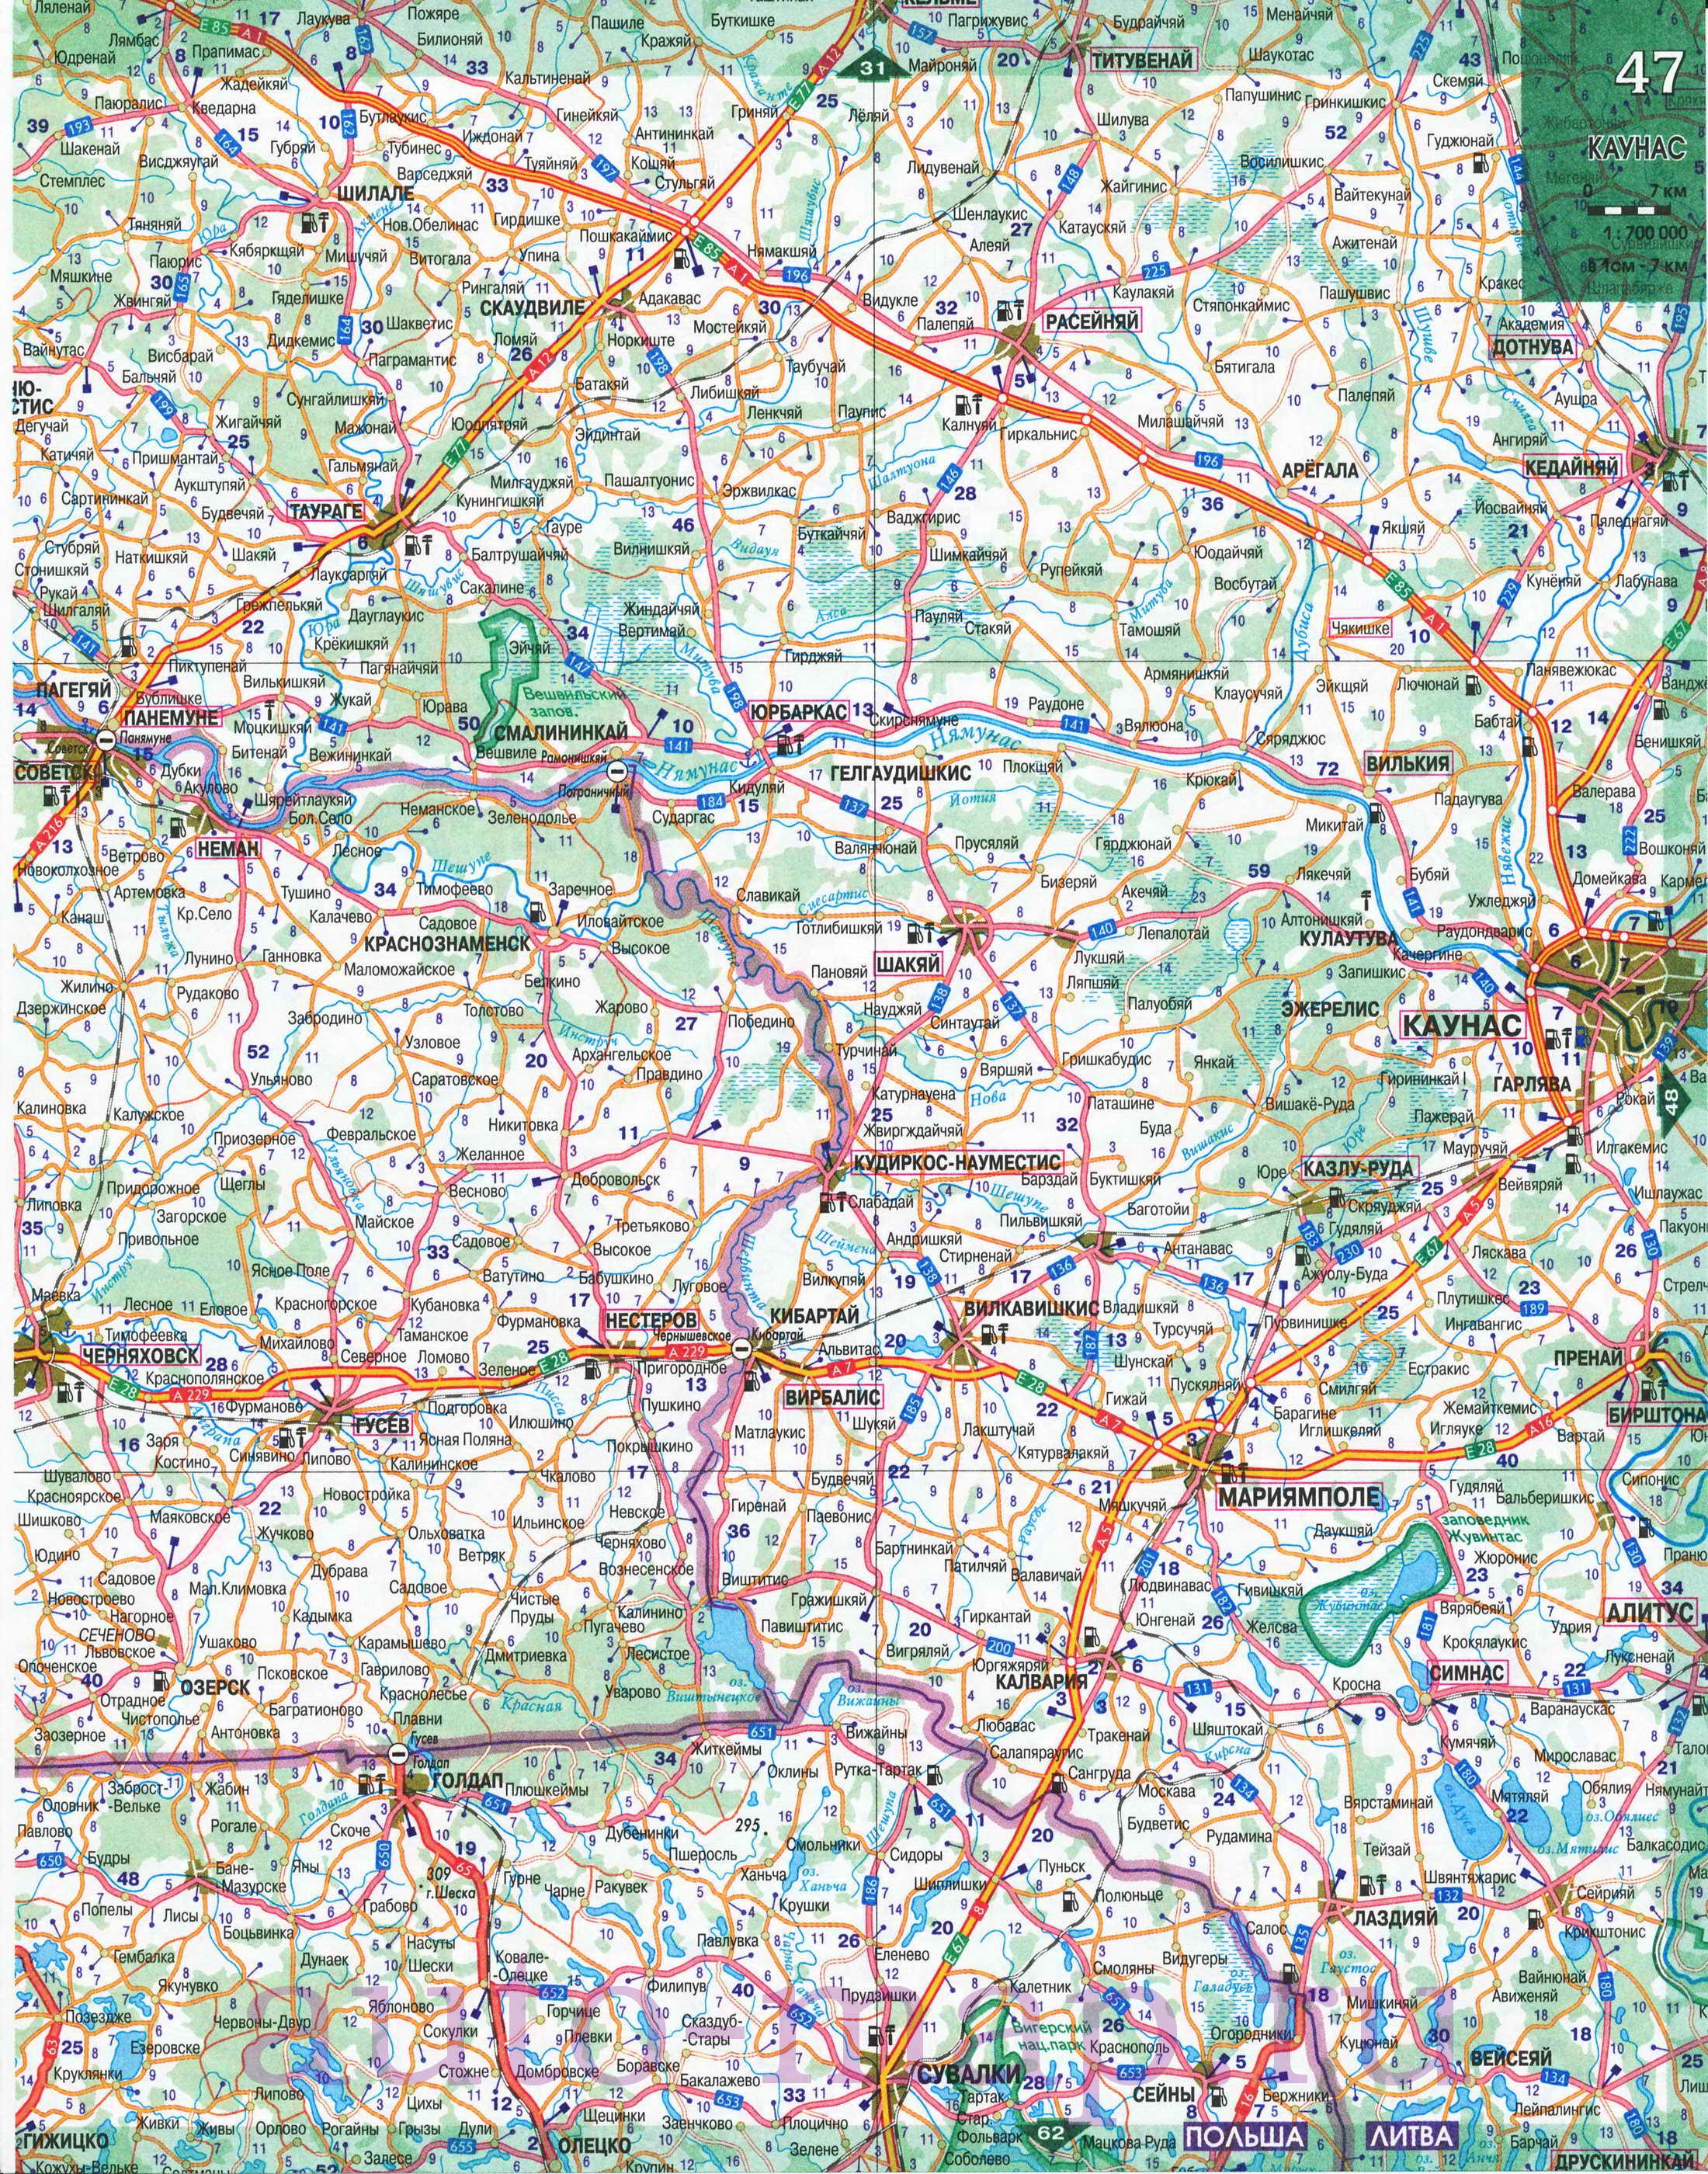 Большая подробная карта автомобильных дорог Белоруссии.